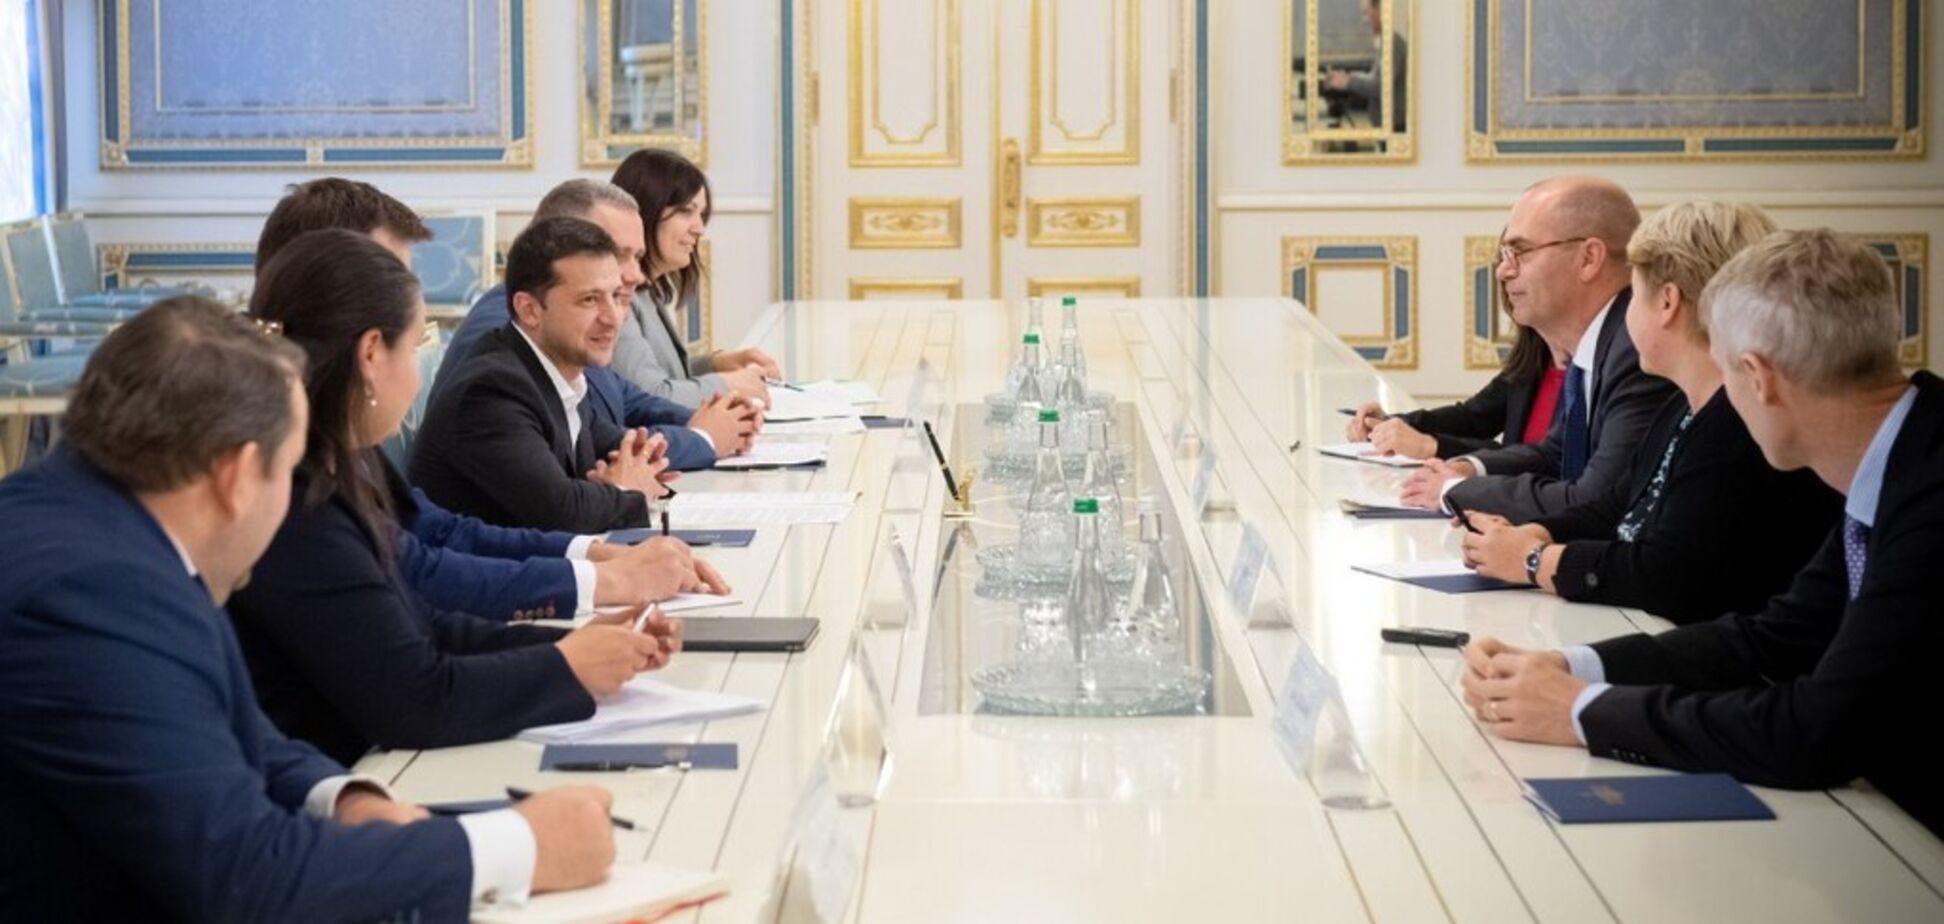 Зеленский провел переговоры с МВФ: подробности